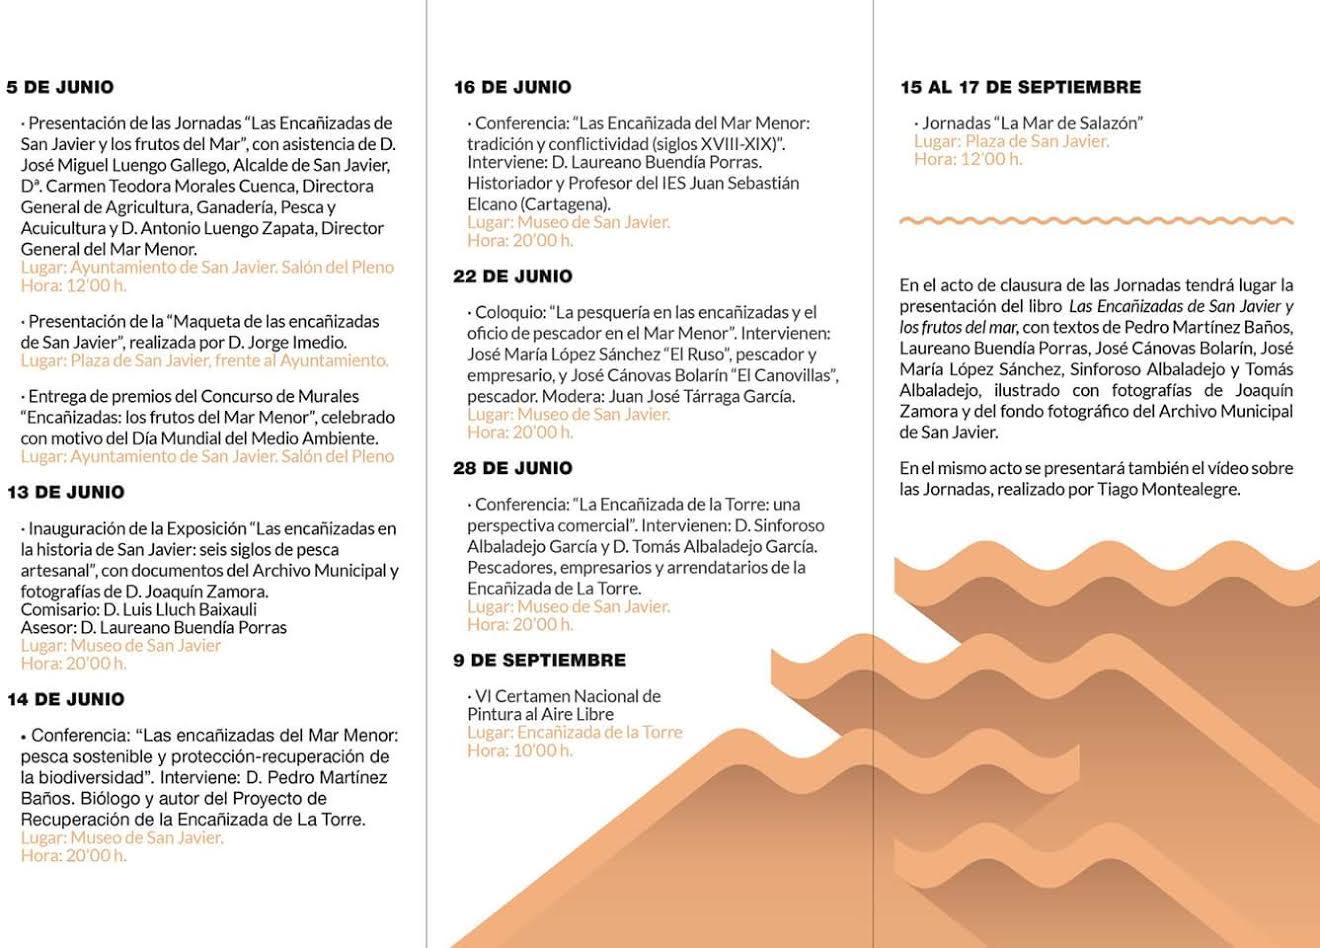 Conferencia sobre las encañizadas, con el Ayto. de San Javier